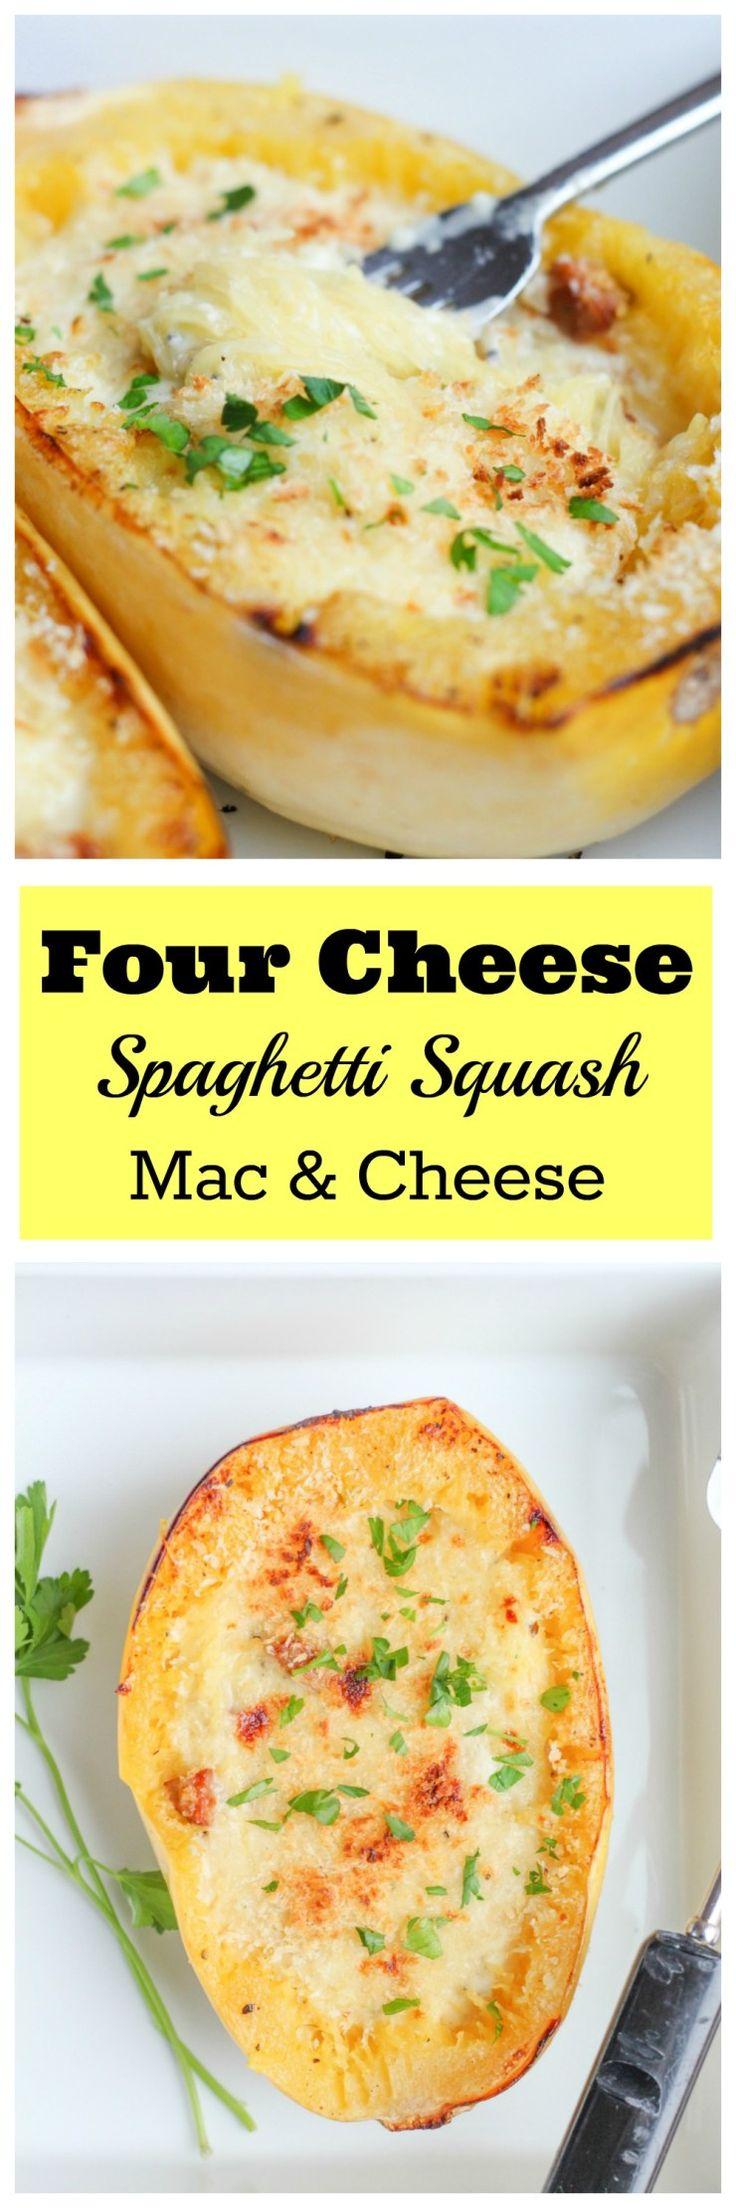 Four Cheese Spaghetti Squash Mac and Cheese